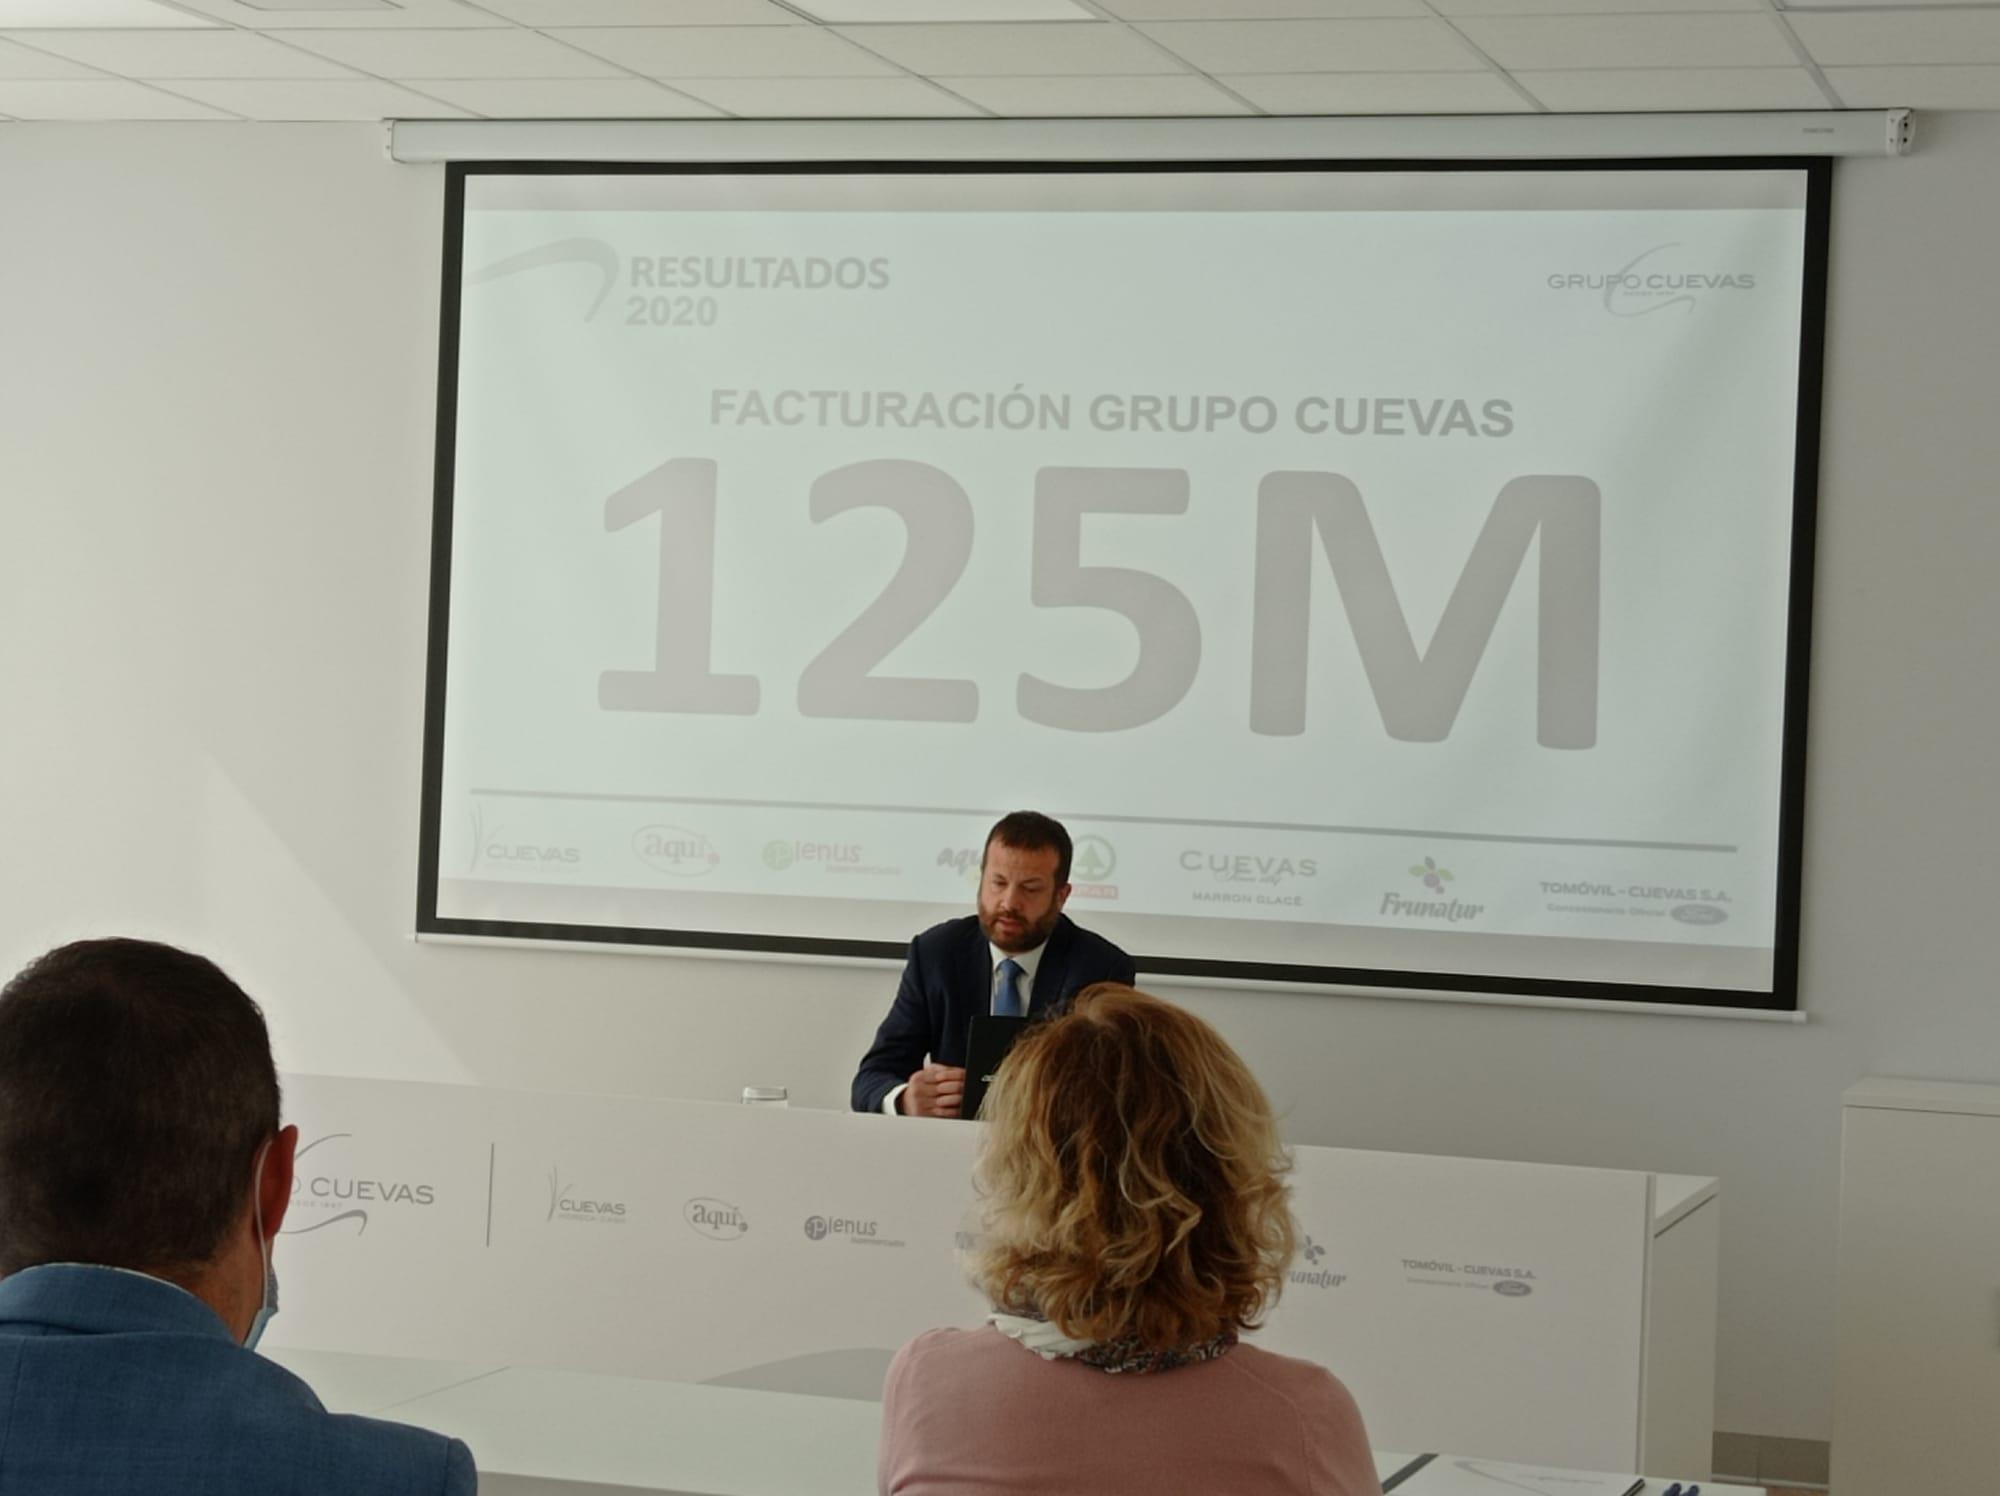 GRUPO CUEVAS CRECE UN 13,1% Y FACTURA 125 MILLONES EN EL EJERCICIO MÁS EXPANSIVO DE SU HISTORIA